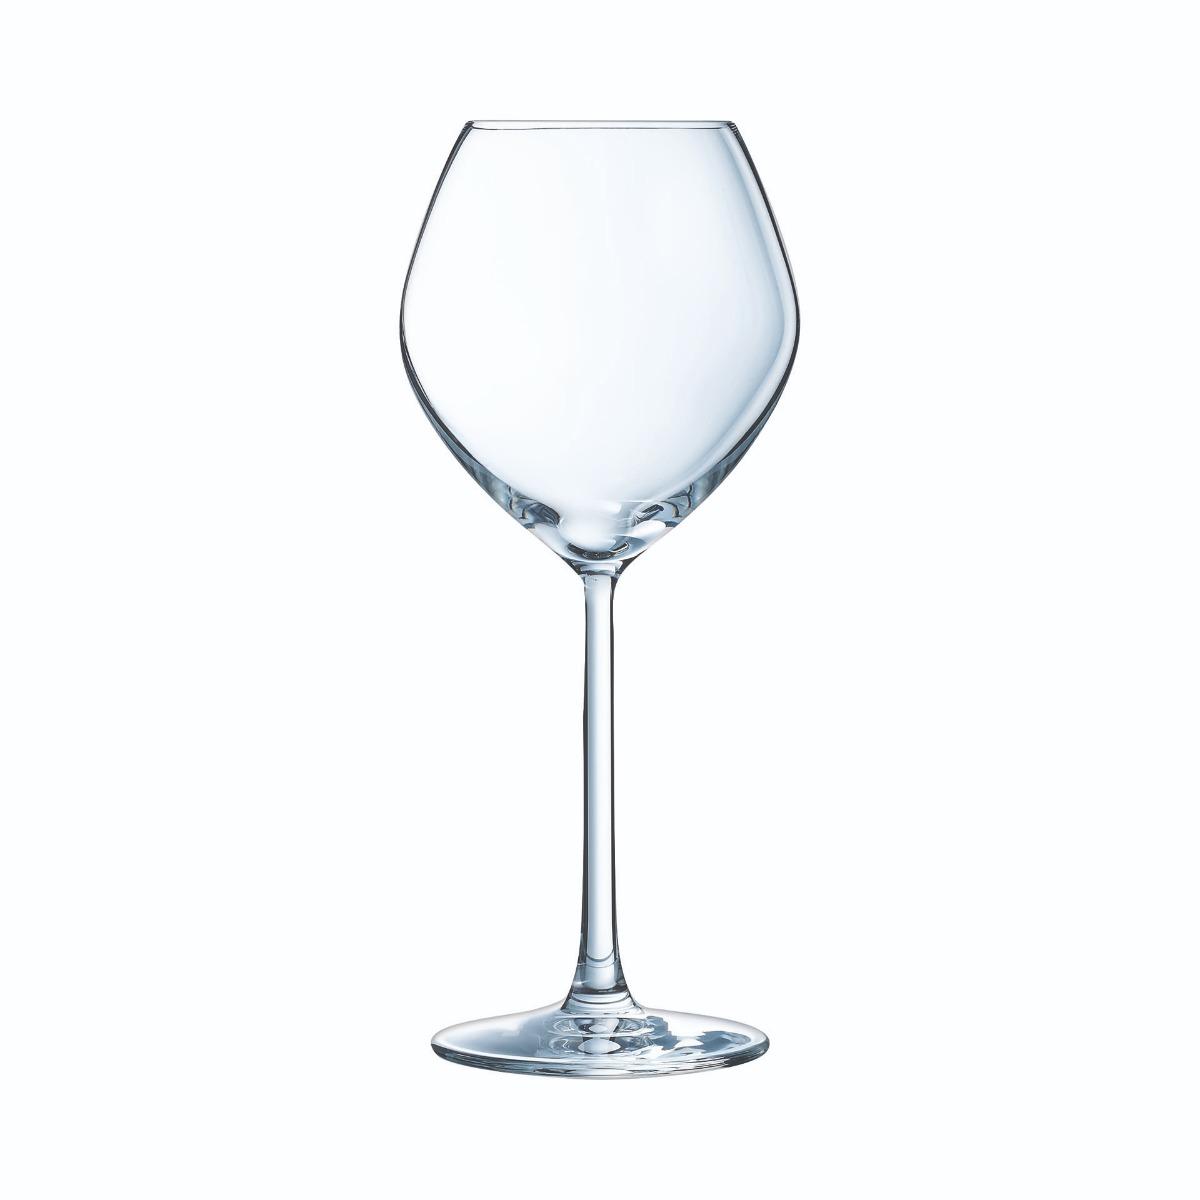 Verres à vin 35cl - Lot de 6